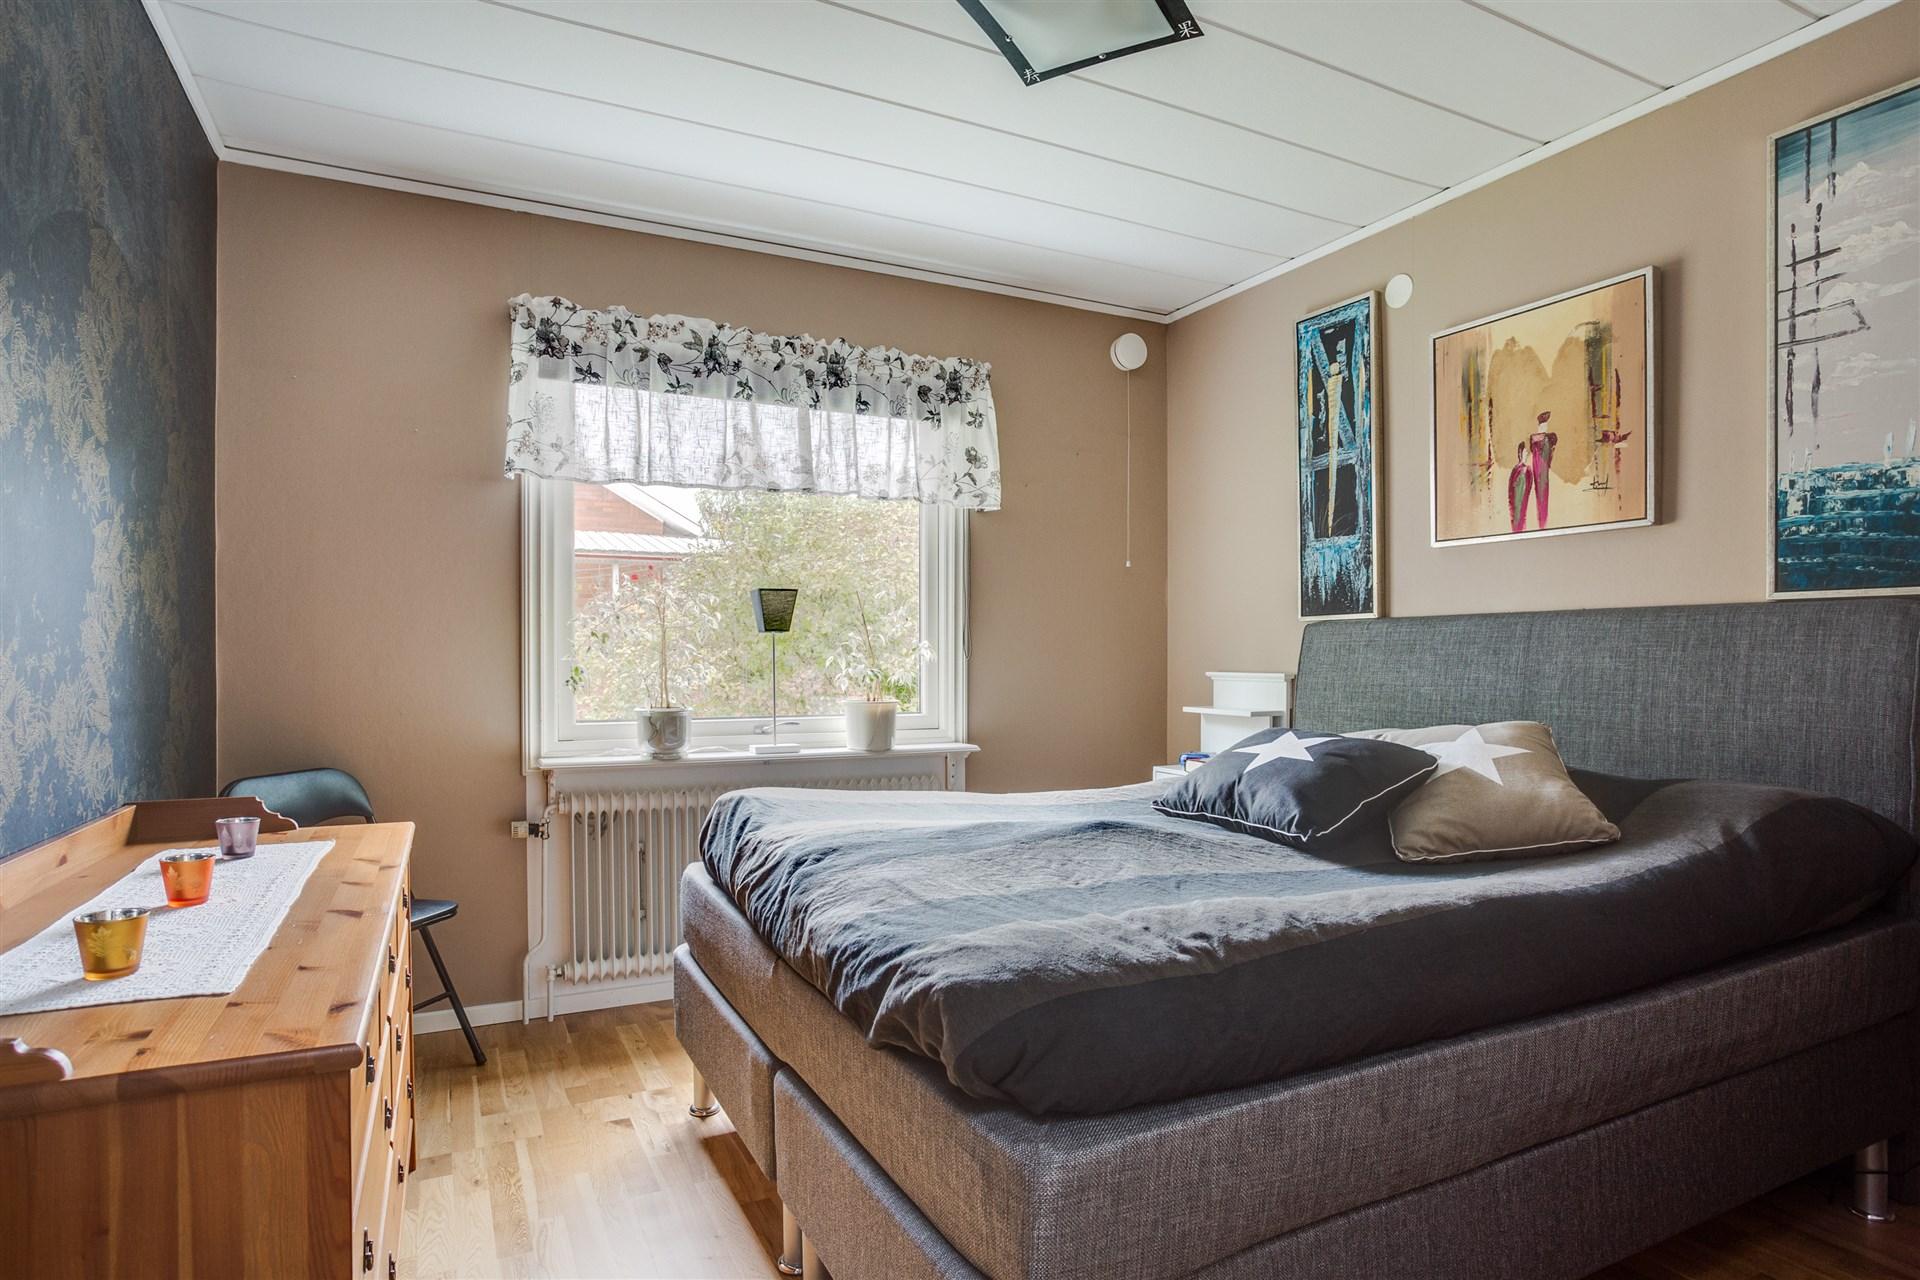 Sovrum 2 med 1 dubbelgarderob och 2 enkla garderober med överskåp.